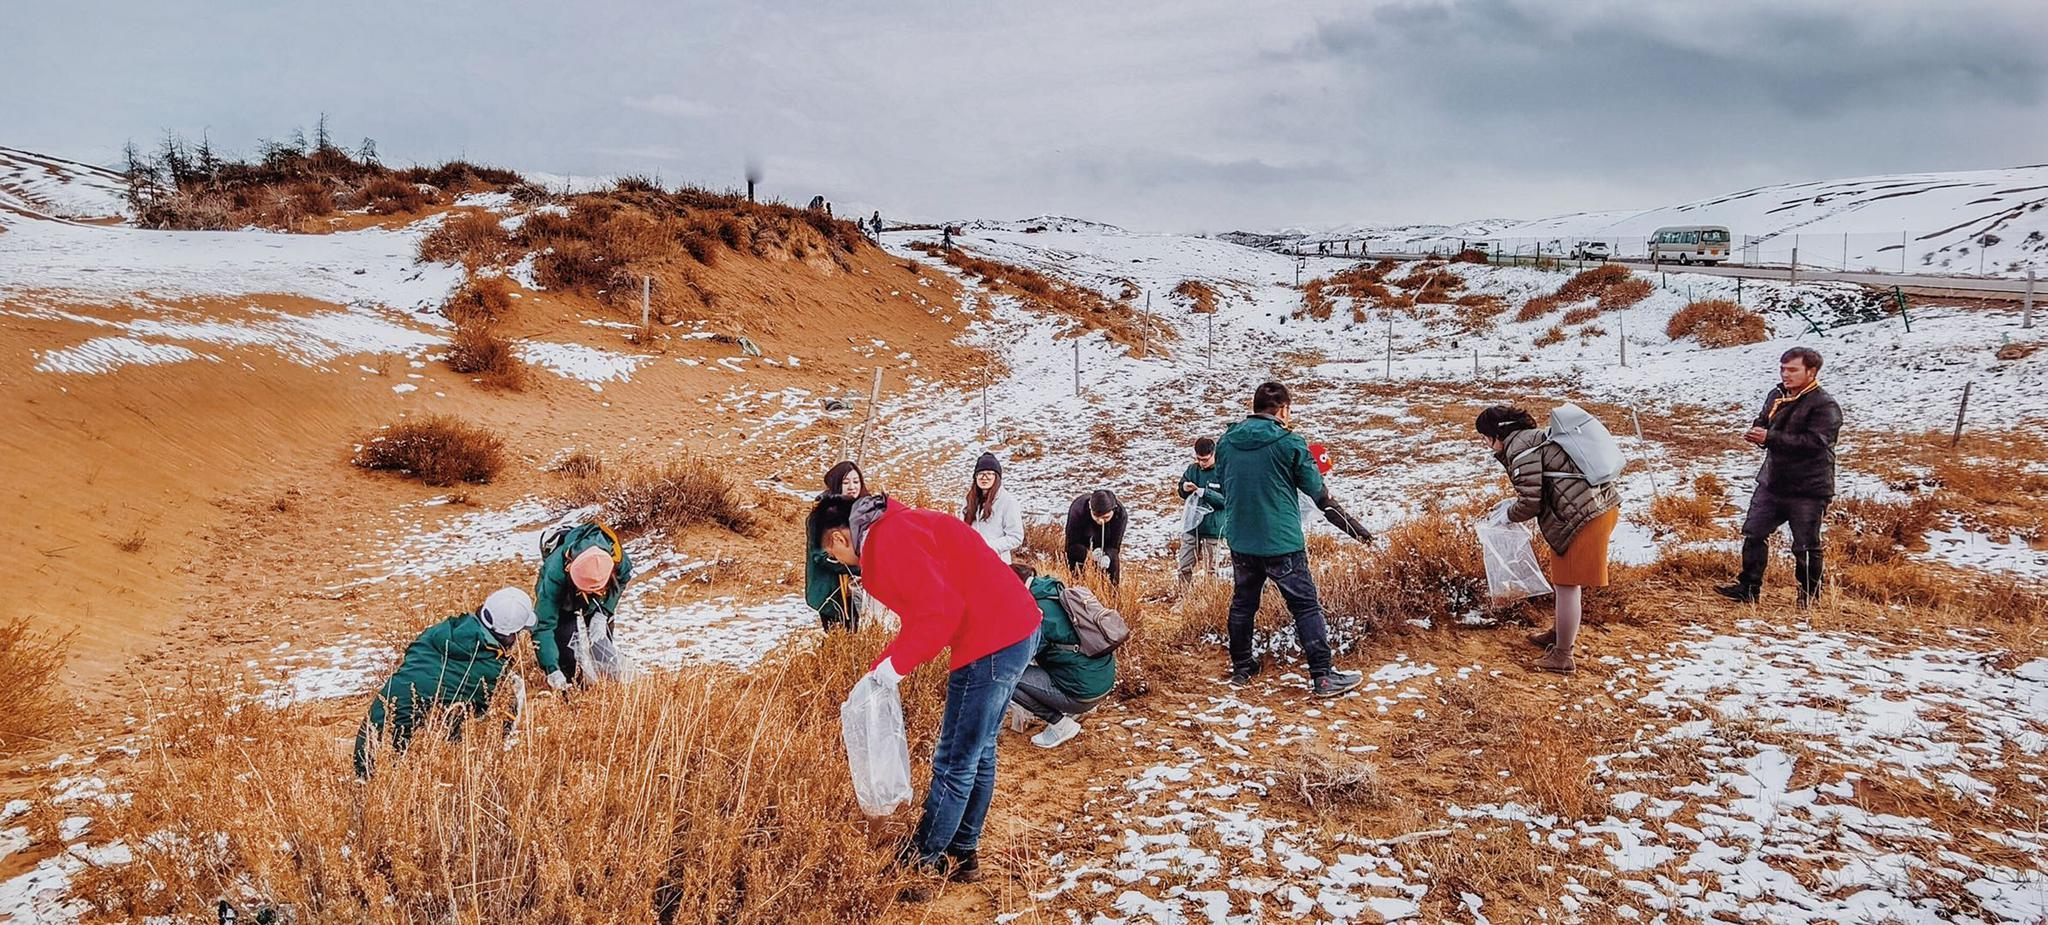 喜玛拉登沙山采集黑沙蒿种子